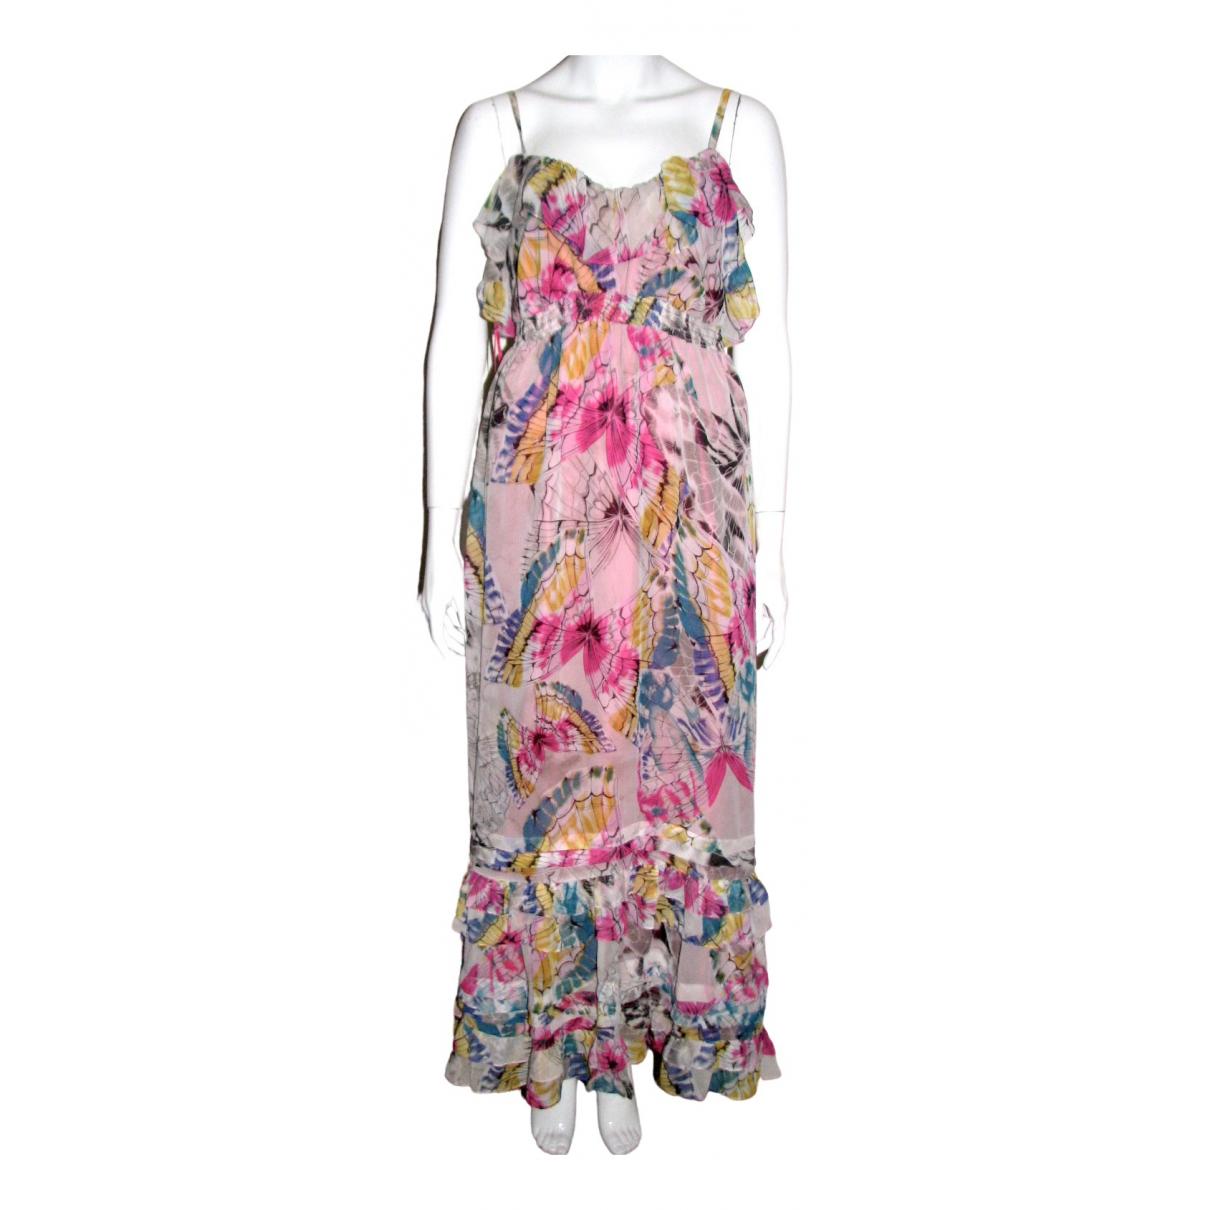 Matthew Williamson \N Kleid in  Bunt Polyester